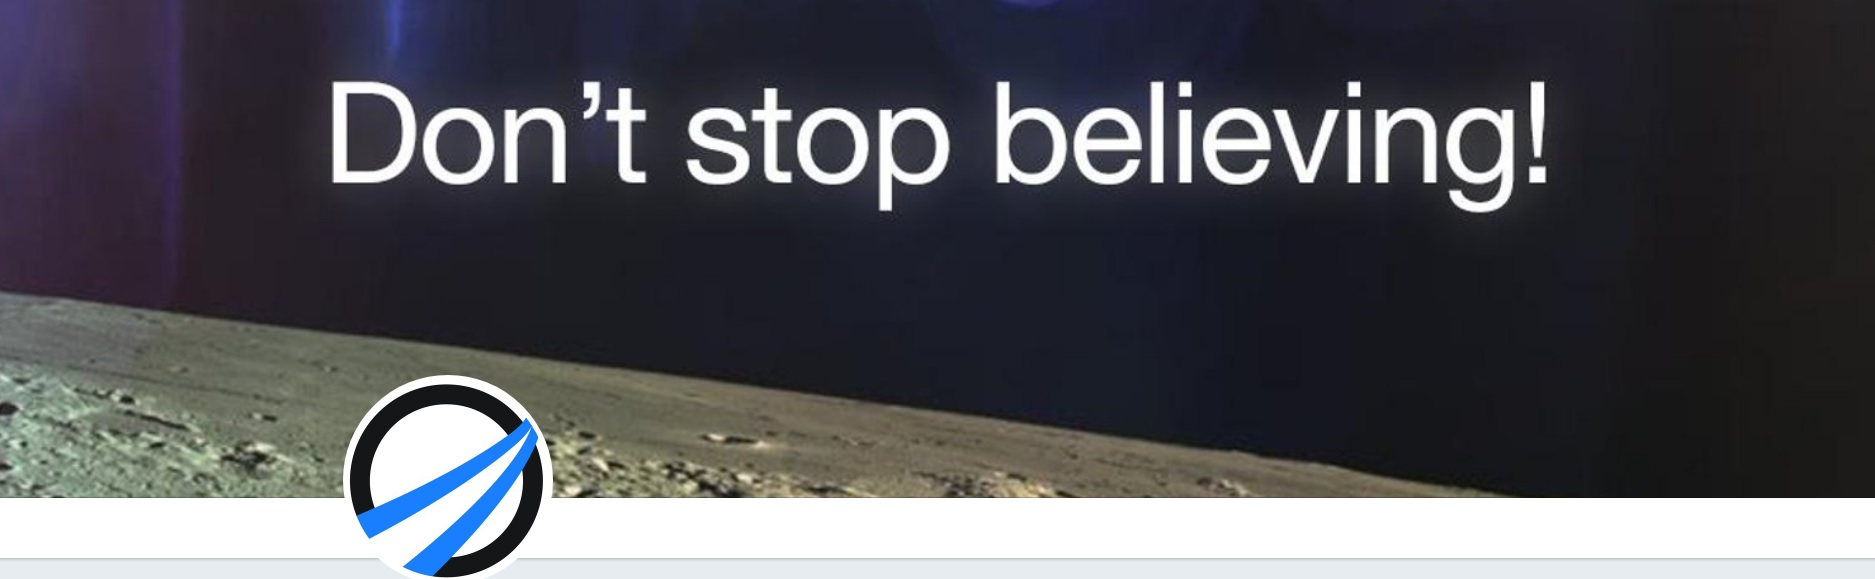 Лунная миссия «Берешит» — разбор аварии, анонсирование запуска разработки аппарата «Берешит 2.0» - 36